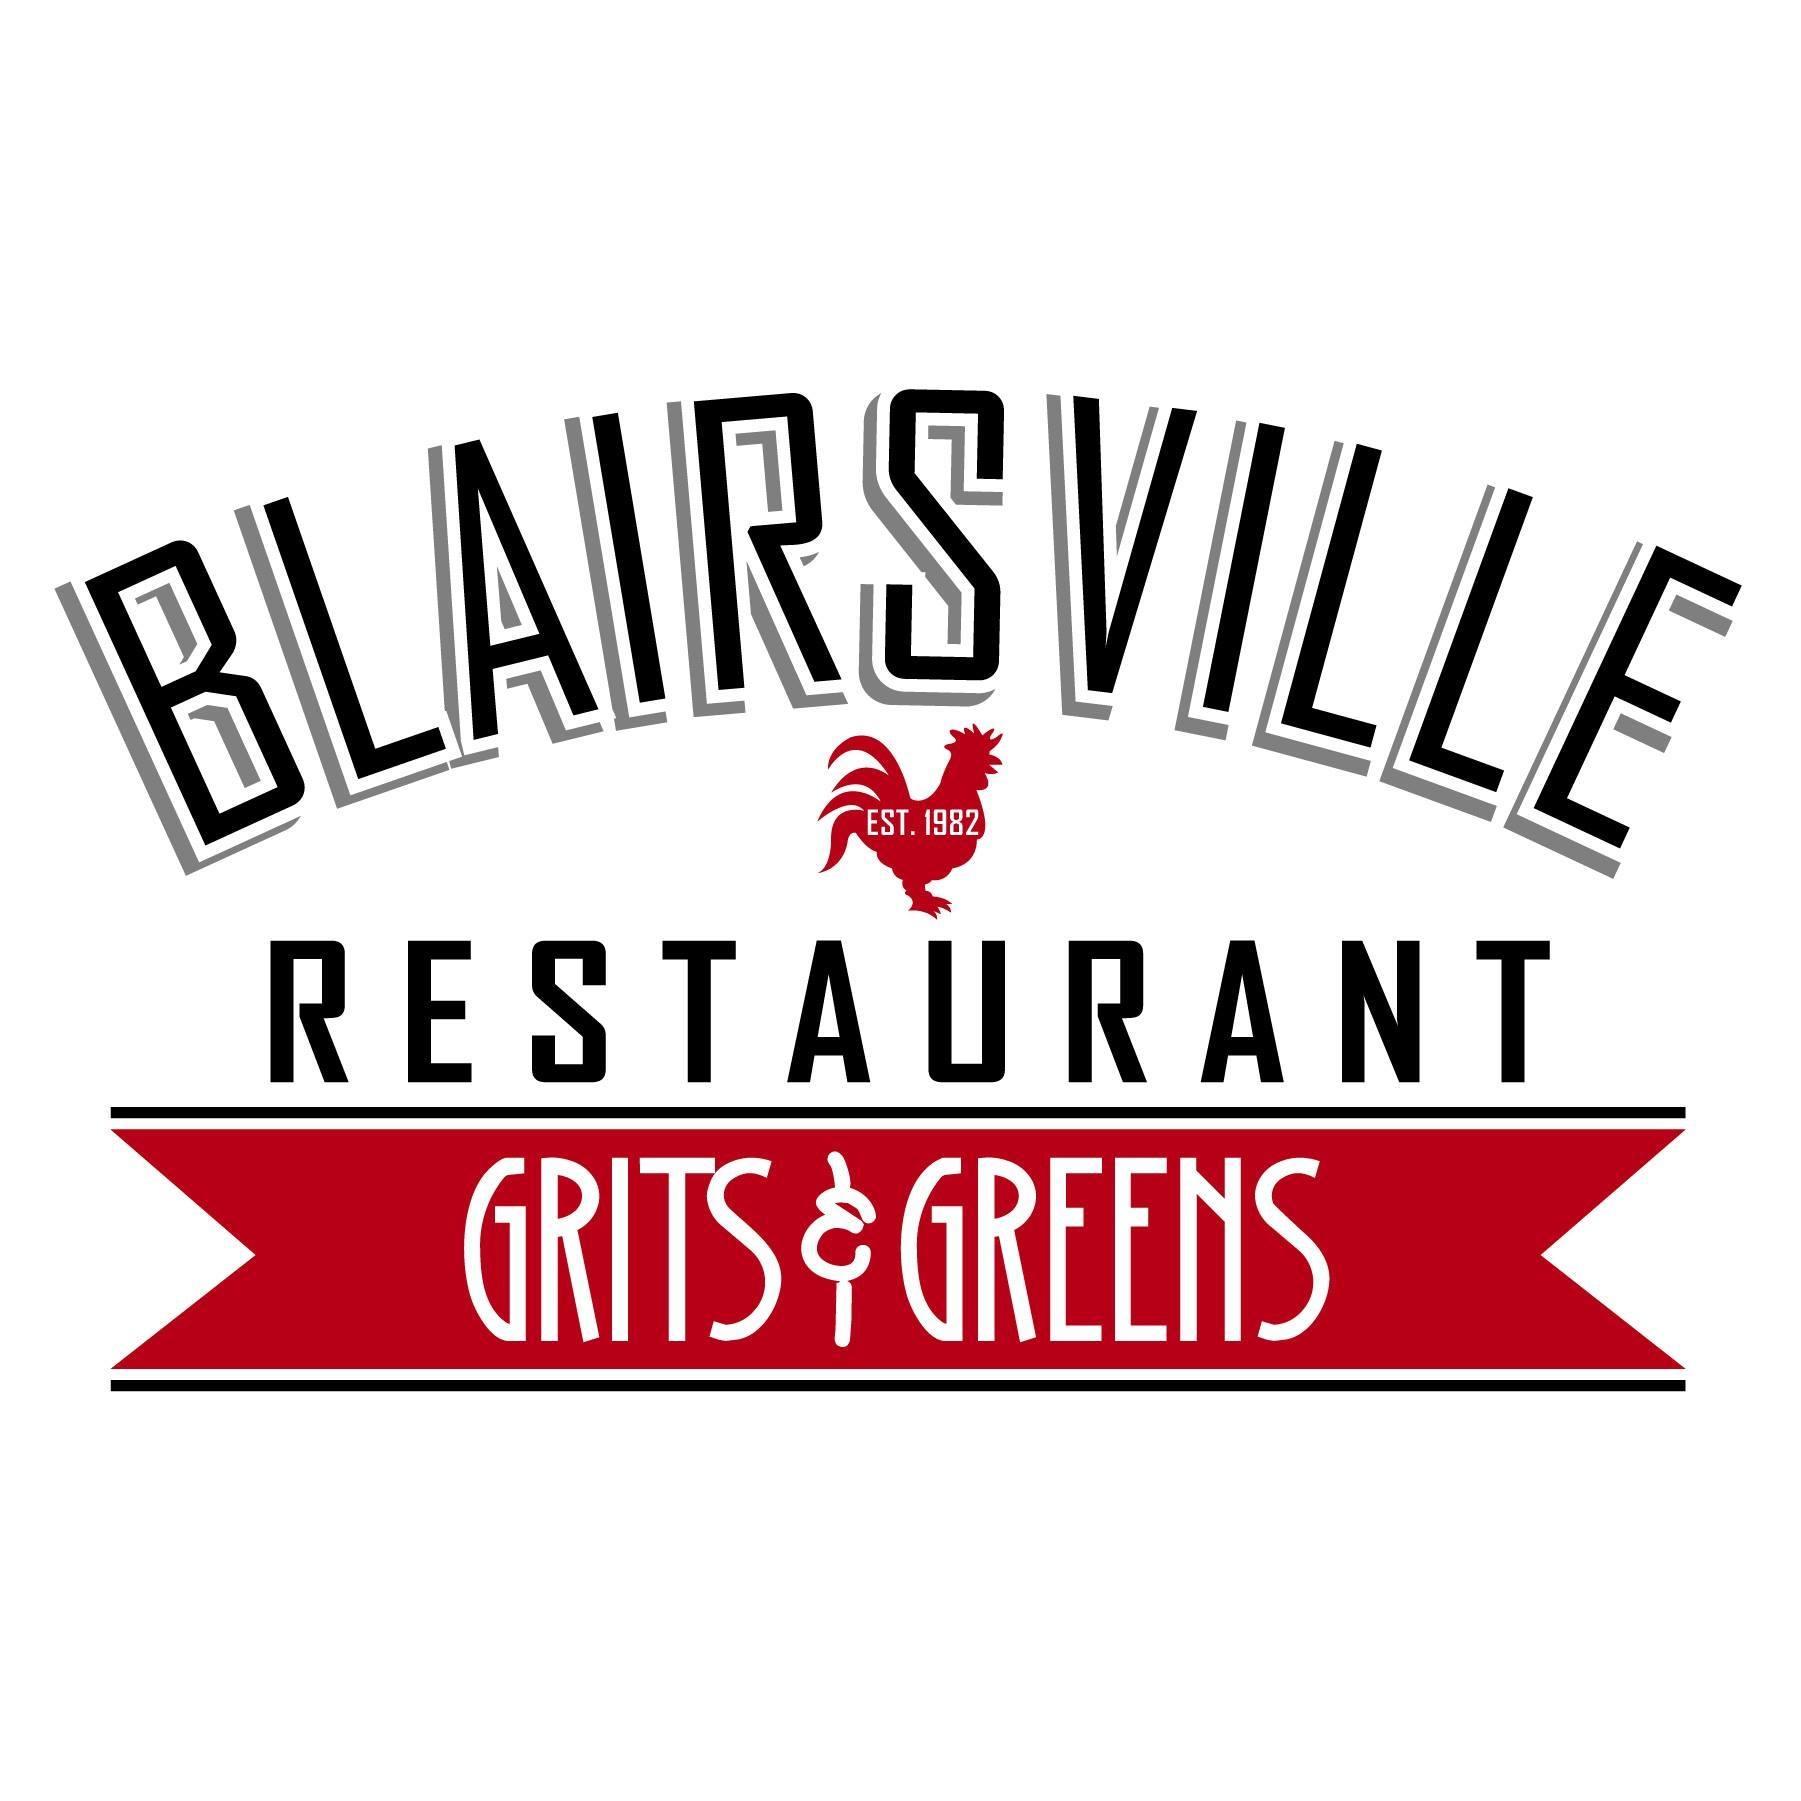 Blairsville Restaurant Grits & Greens